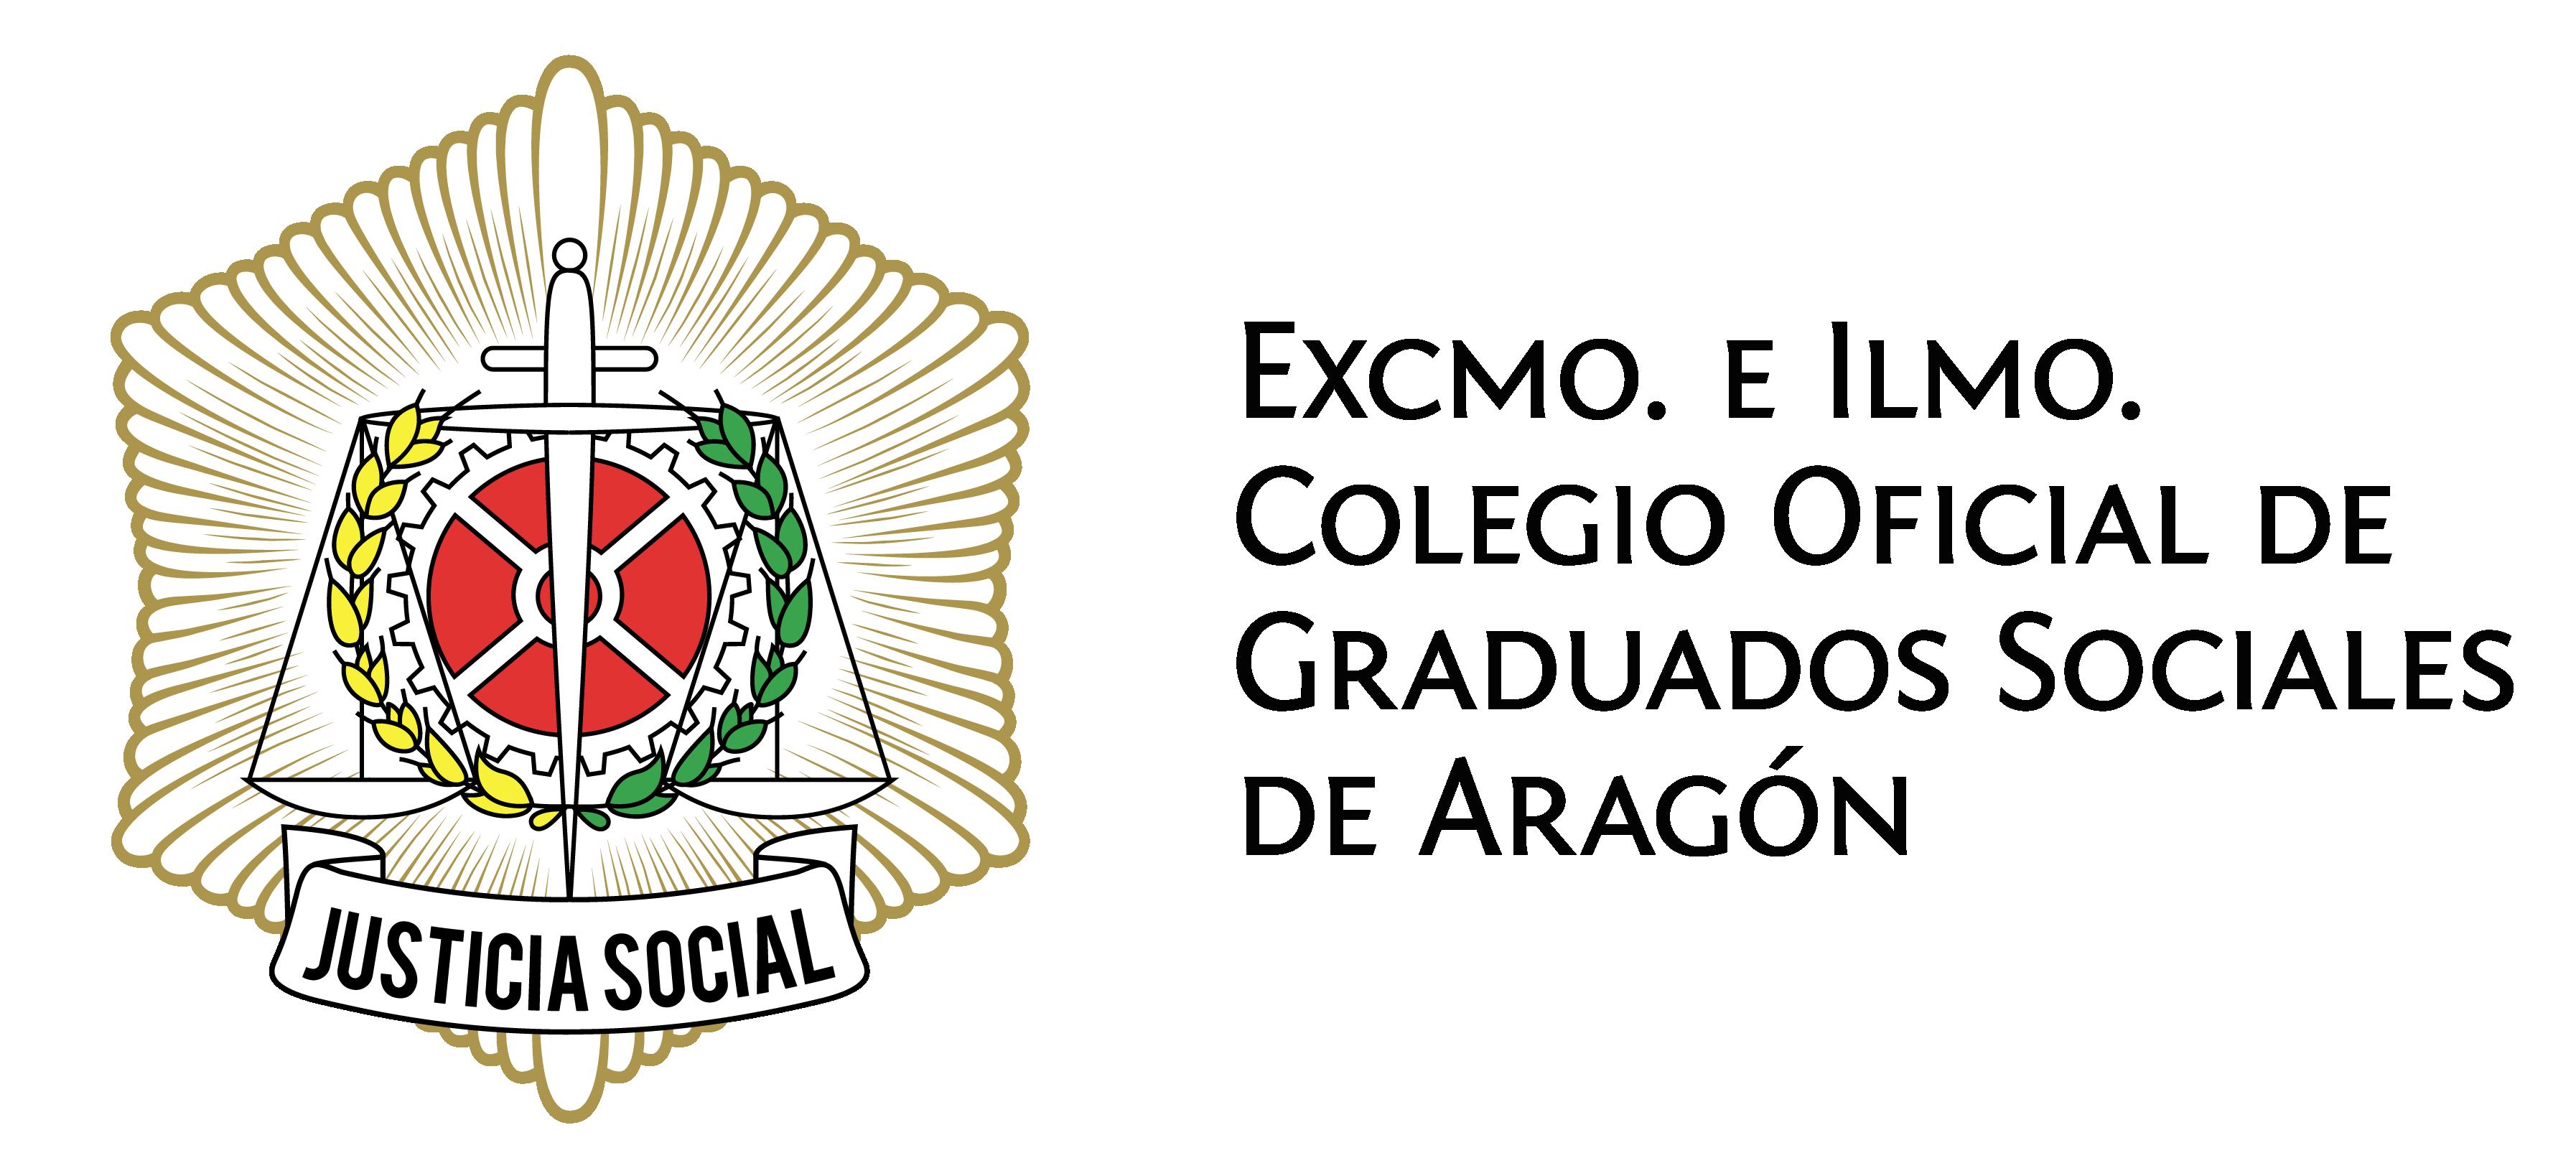 Logotipo Colegio Oficial de Graduados Sociales de Aragón